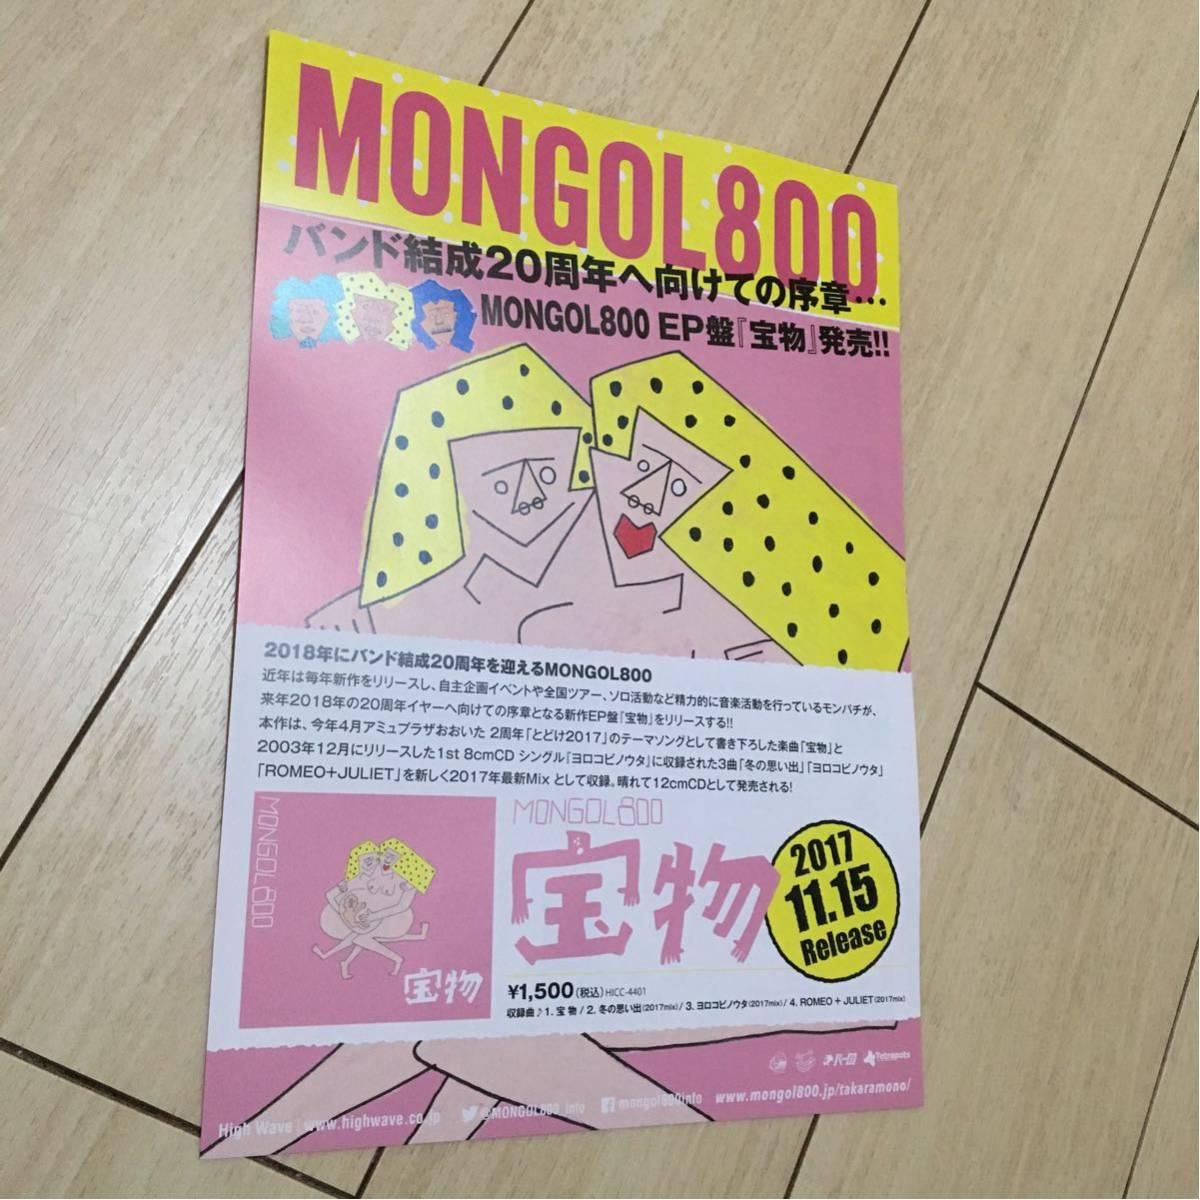 モンゴル 800 mongol ep 宝物 発売 告知 チラシ 2017 バンド モンパチ cd